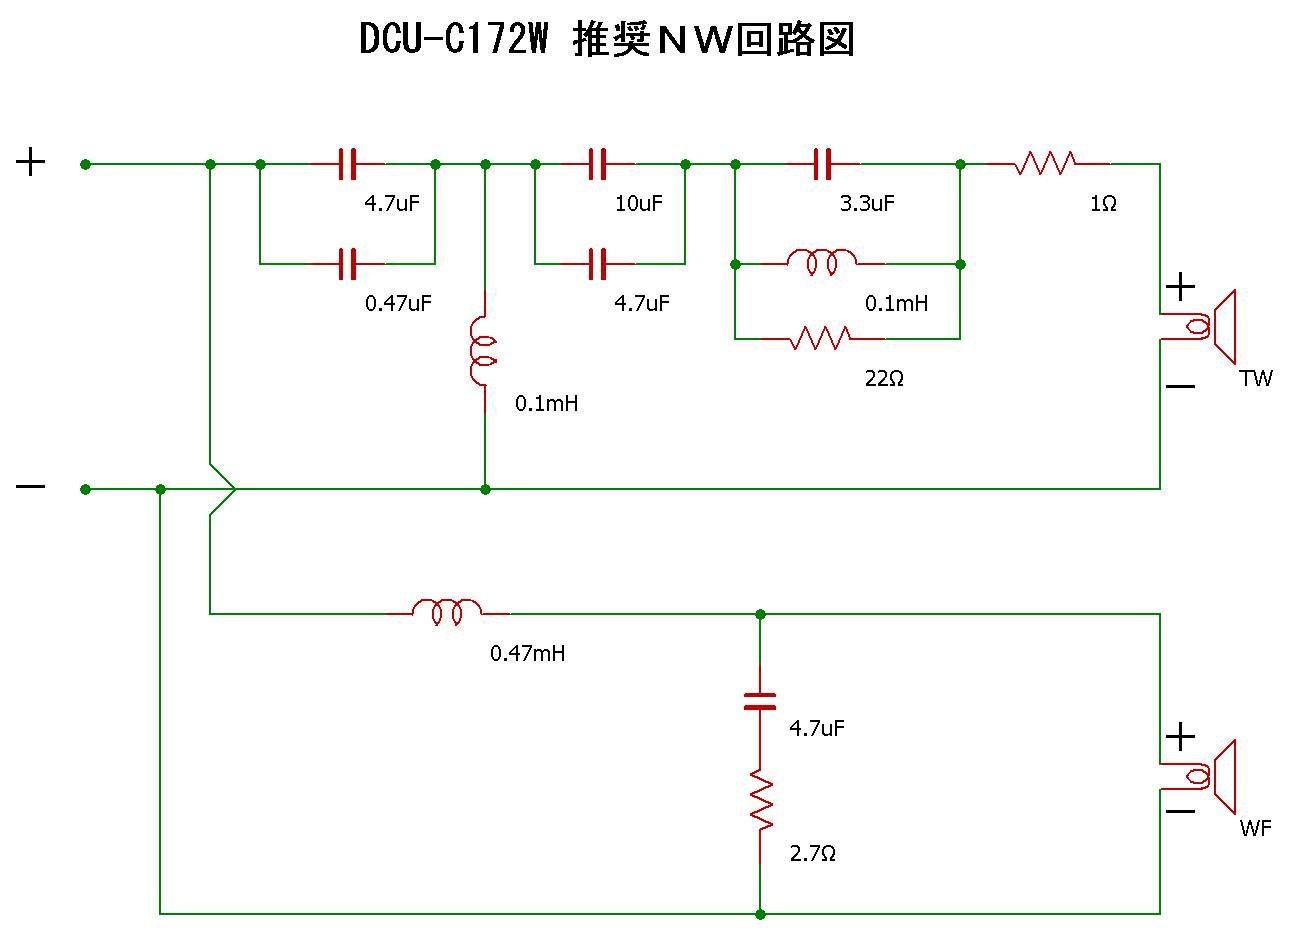 DCU-C172W(NW)